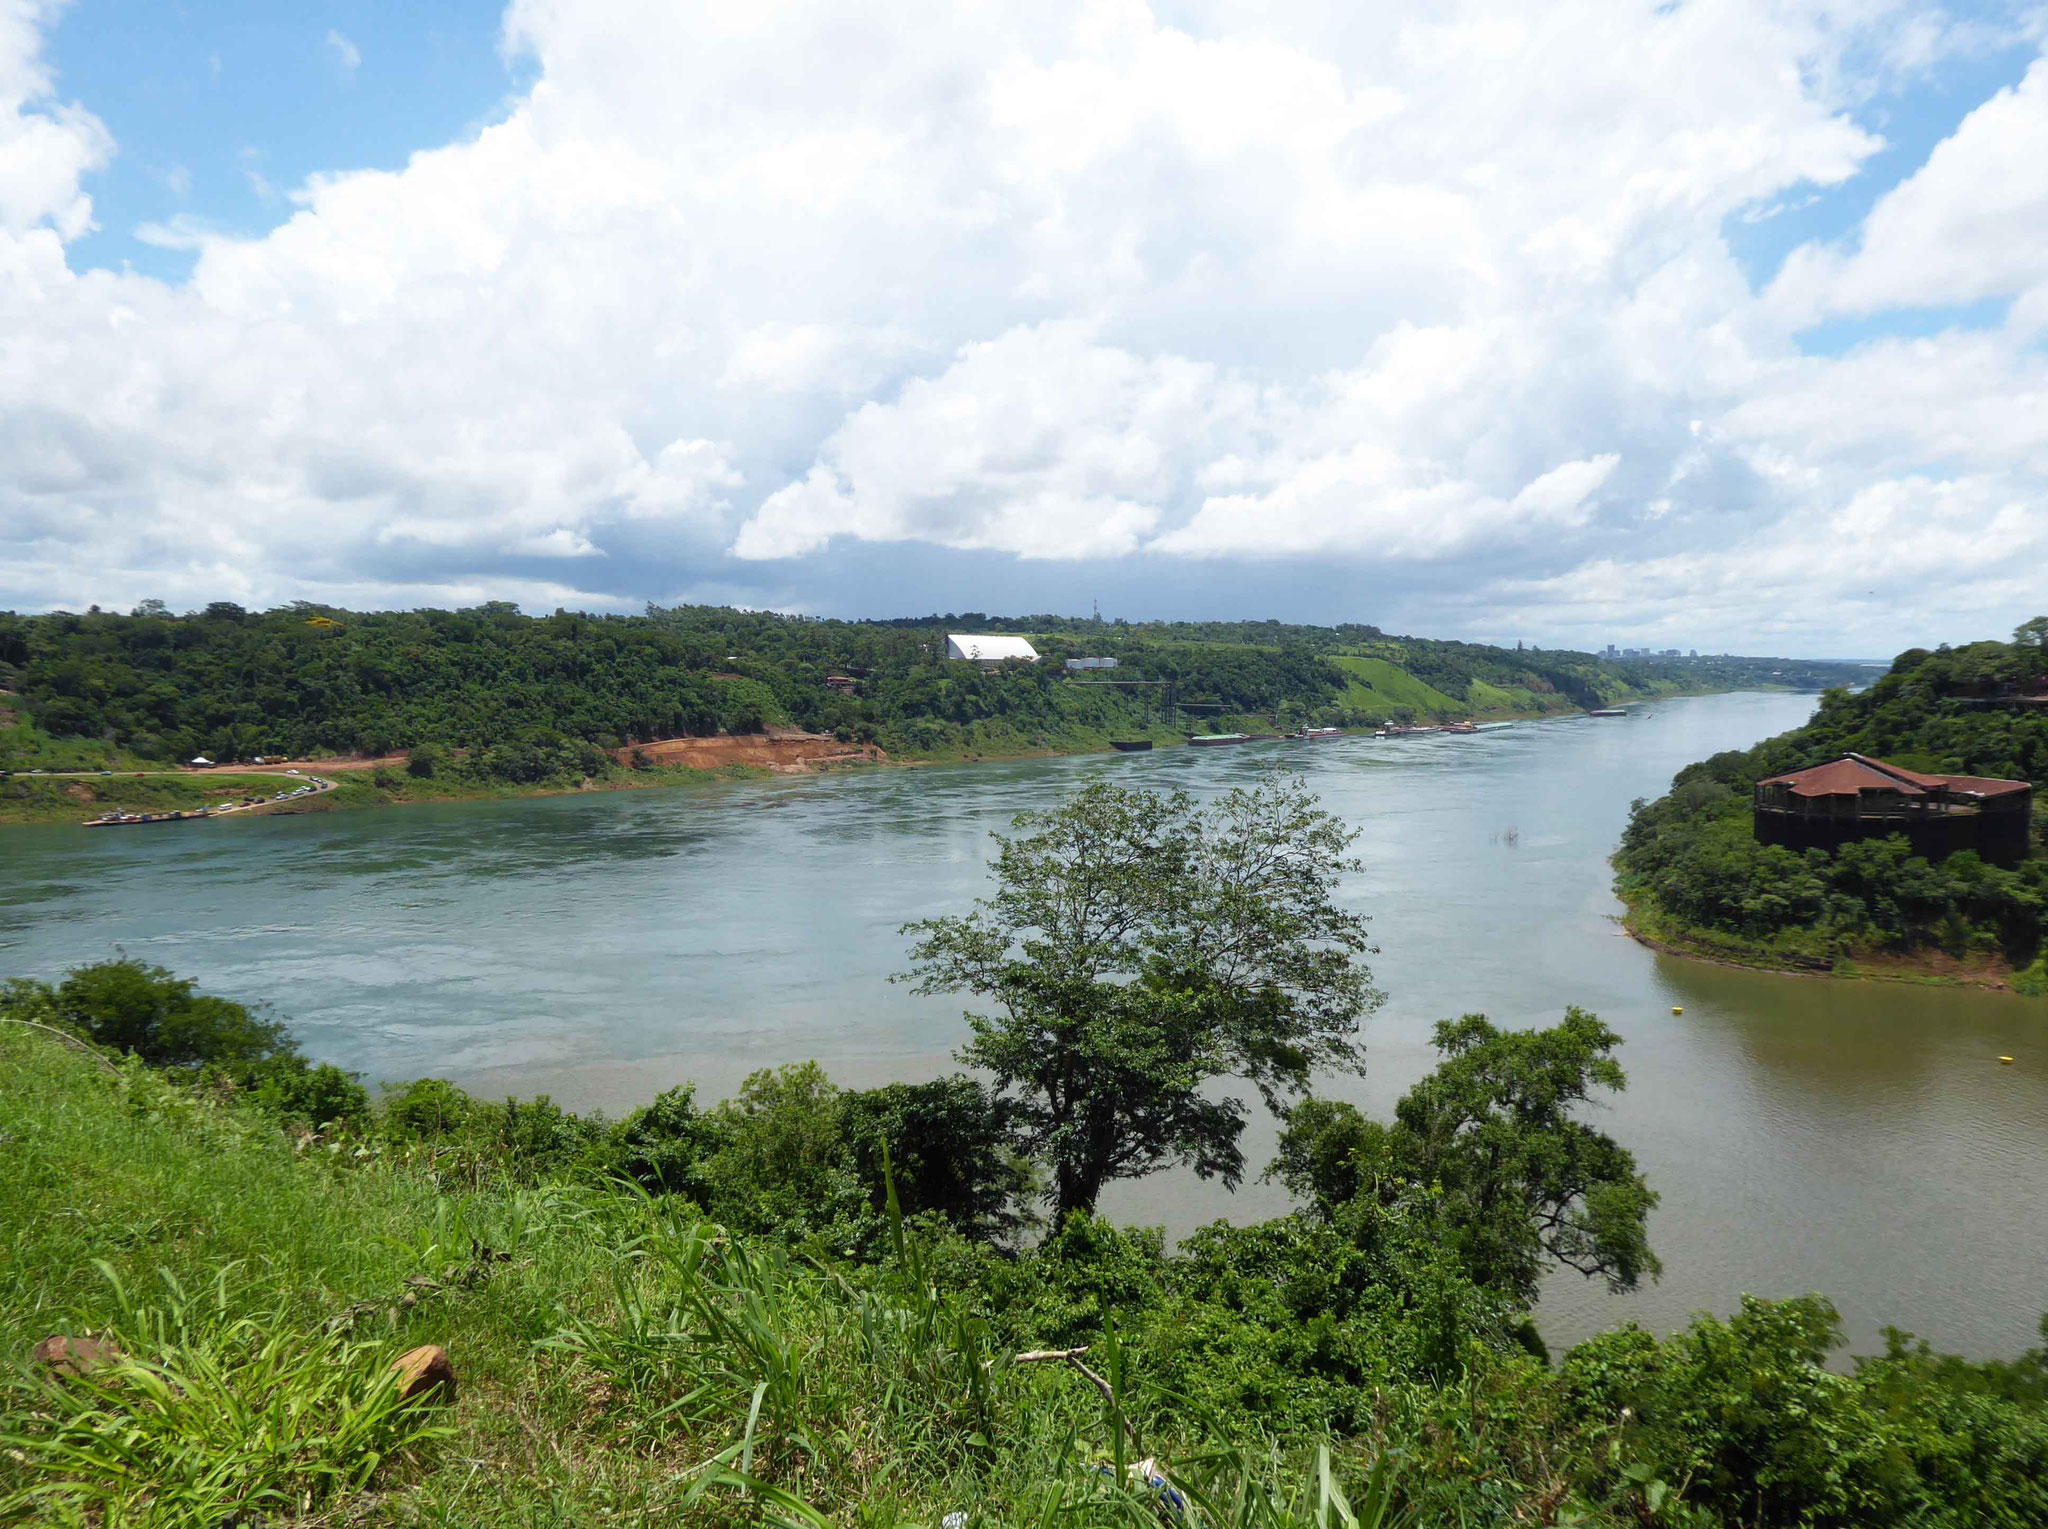 Depuis l'Argentine, en face le Paraguay et à droite le Brésil séparés par le rio Parana